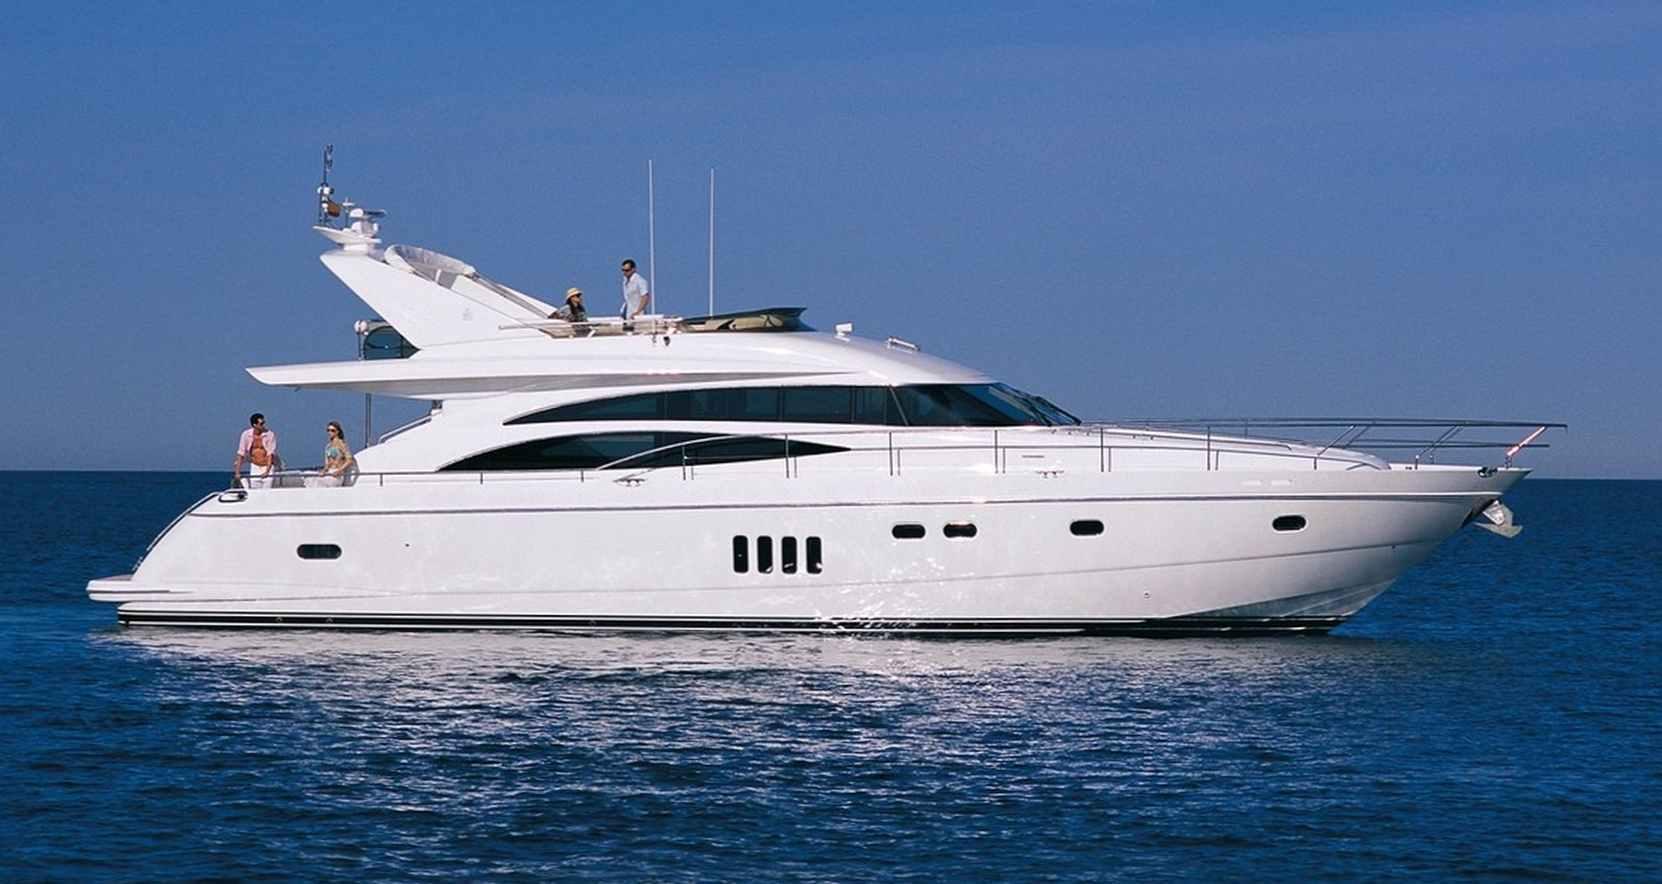 Компания Worldmarine — это полный комплекс услуг по приобретению или строительству моторных яхт